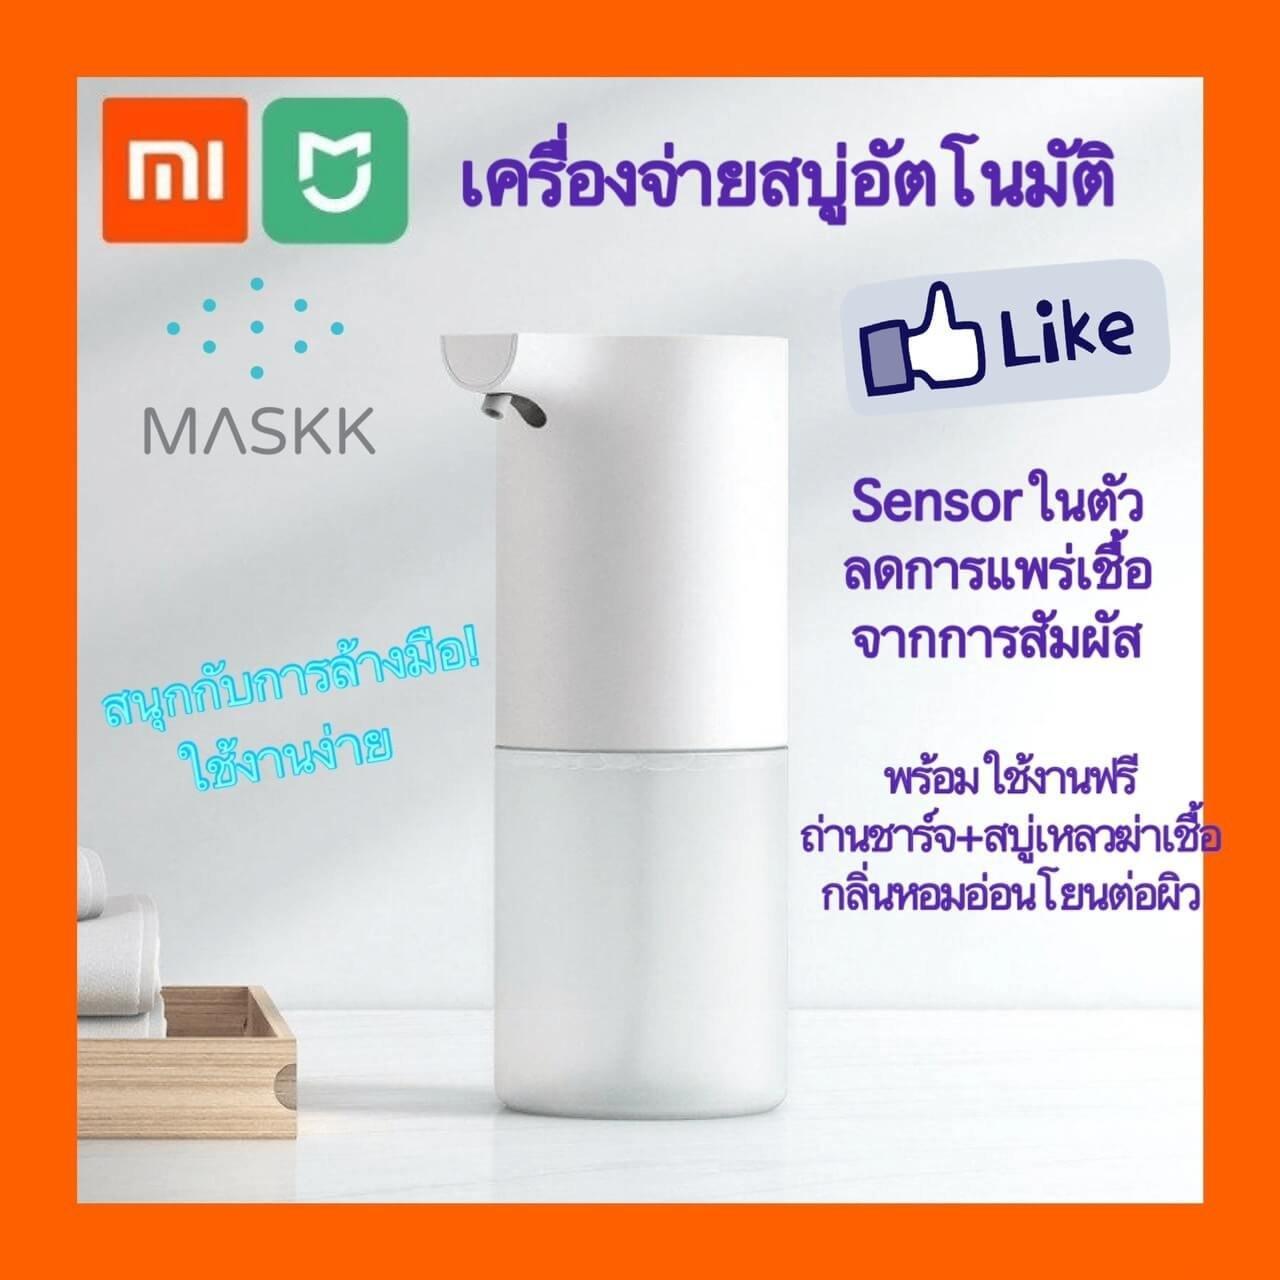 เครื่องกดสบู่อัตโนมัติ เซนเซอร์ในตัว Xiaomi Mijia Auto Foaming Hand Wash ครบชุด